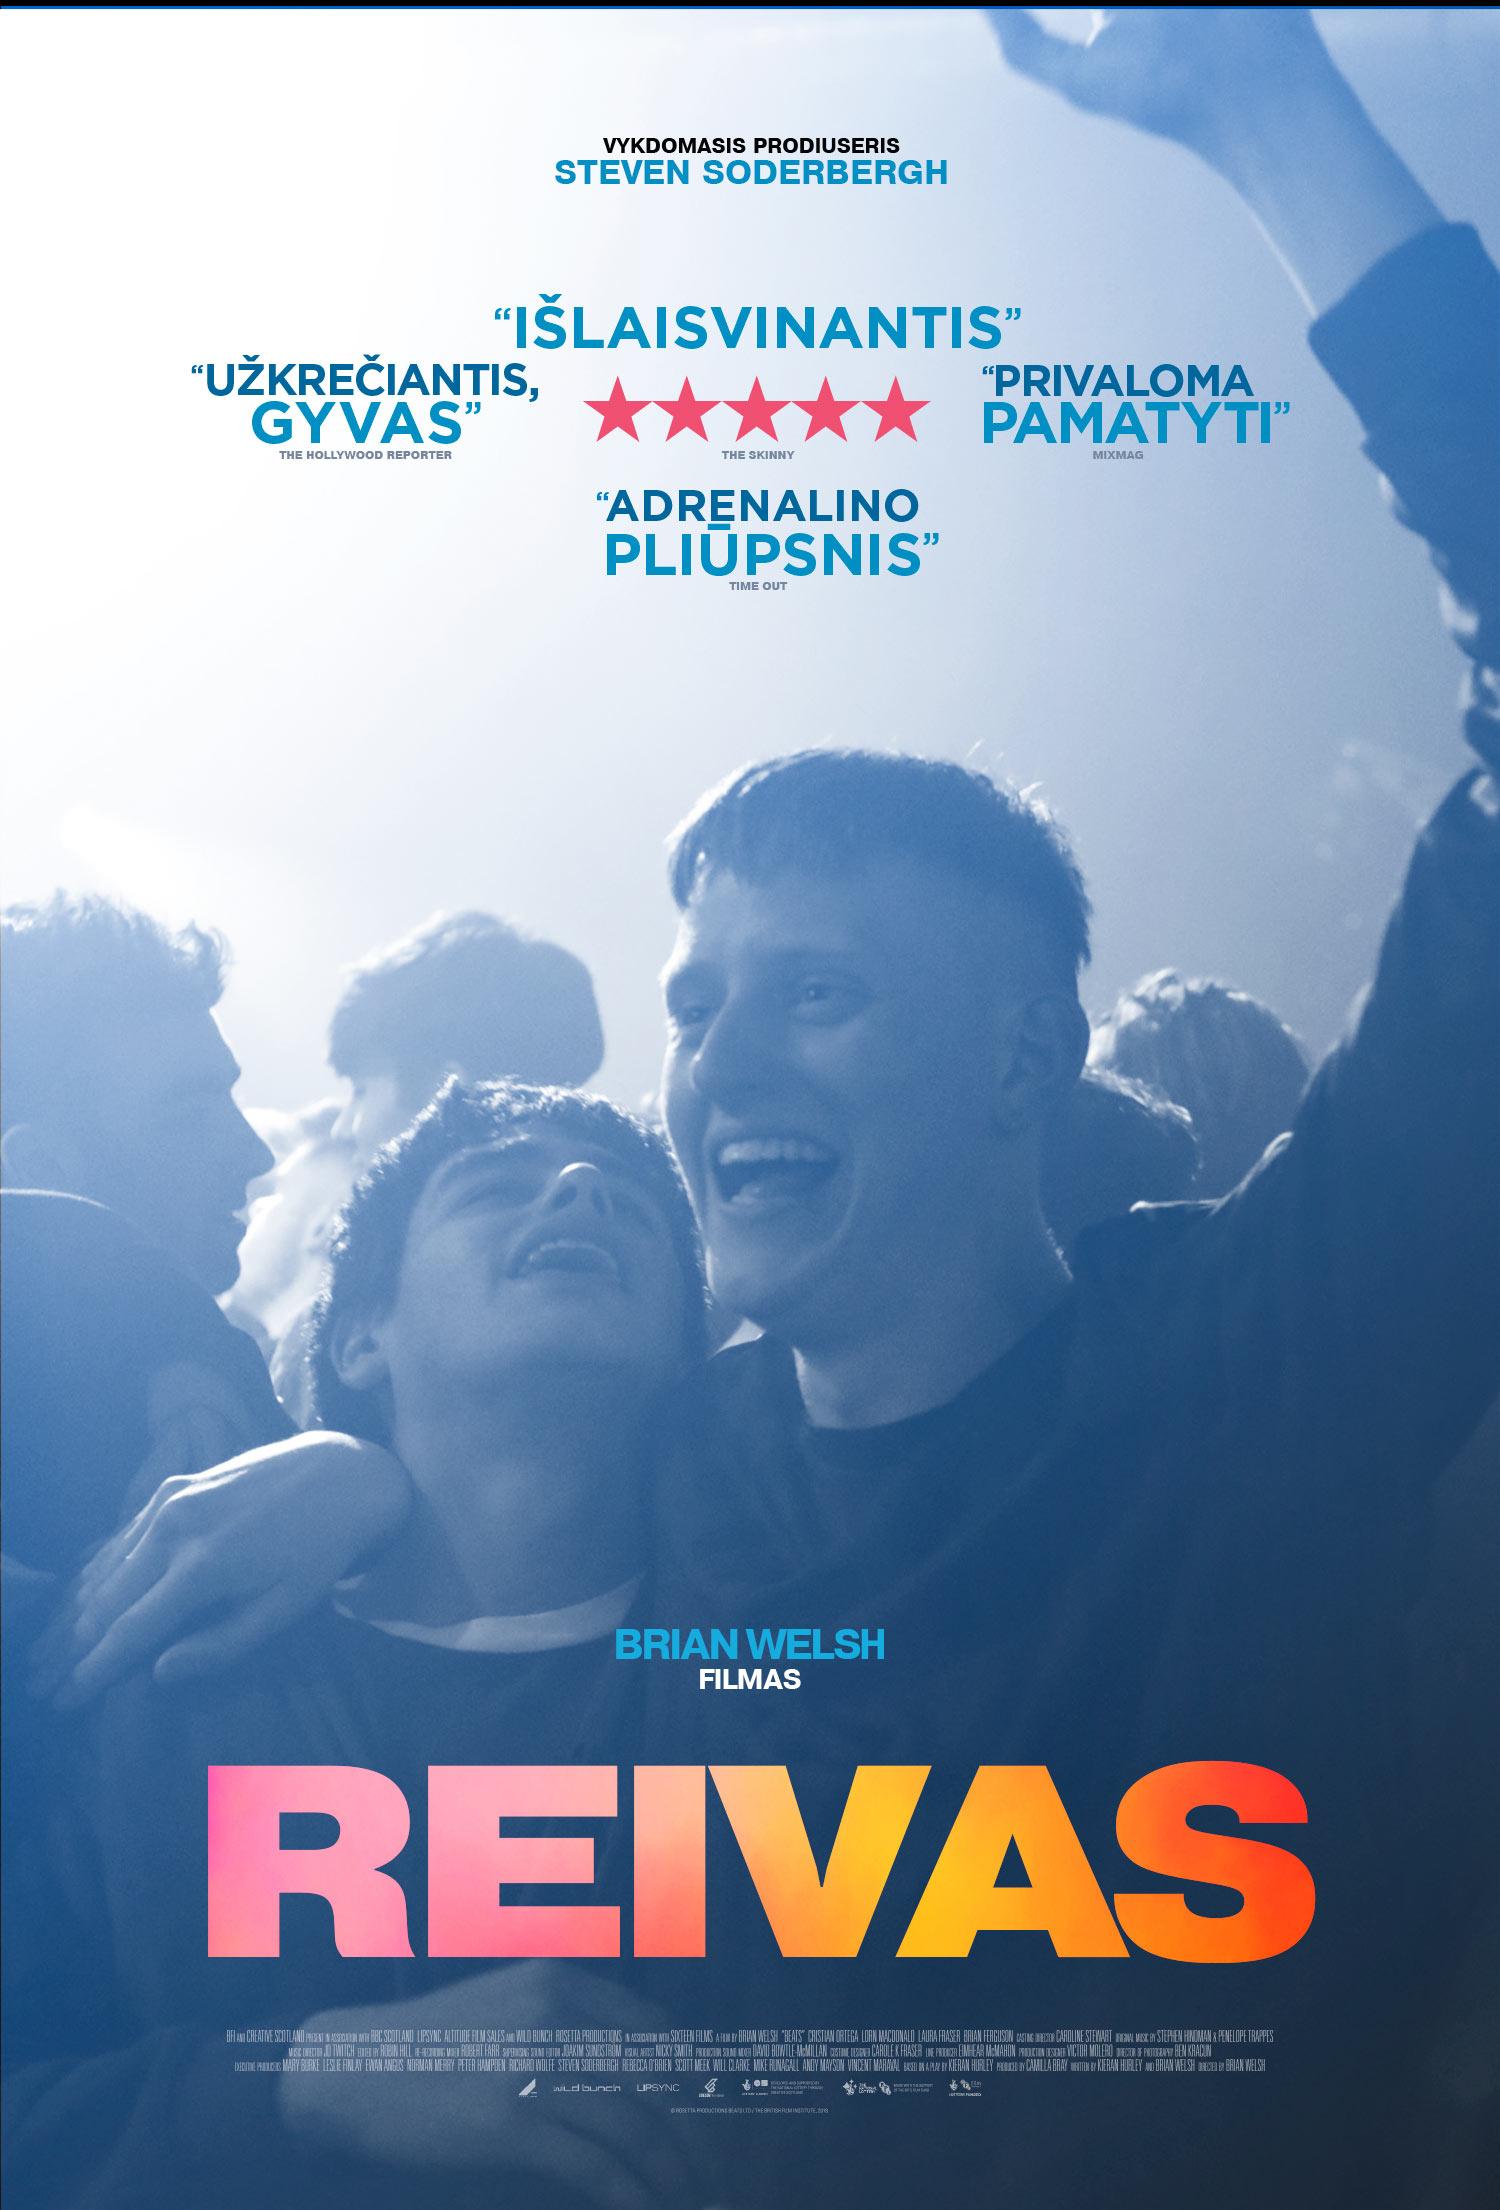 REIVAS (Beats)